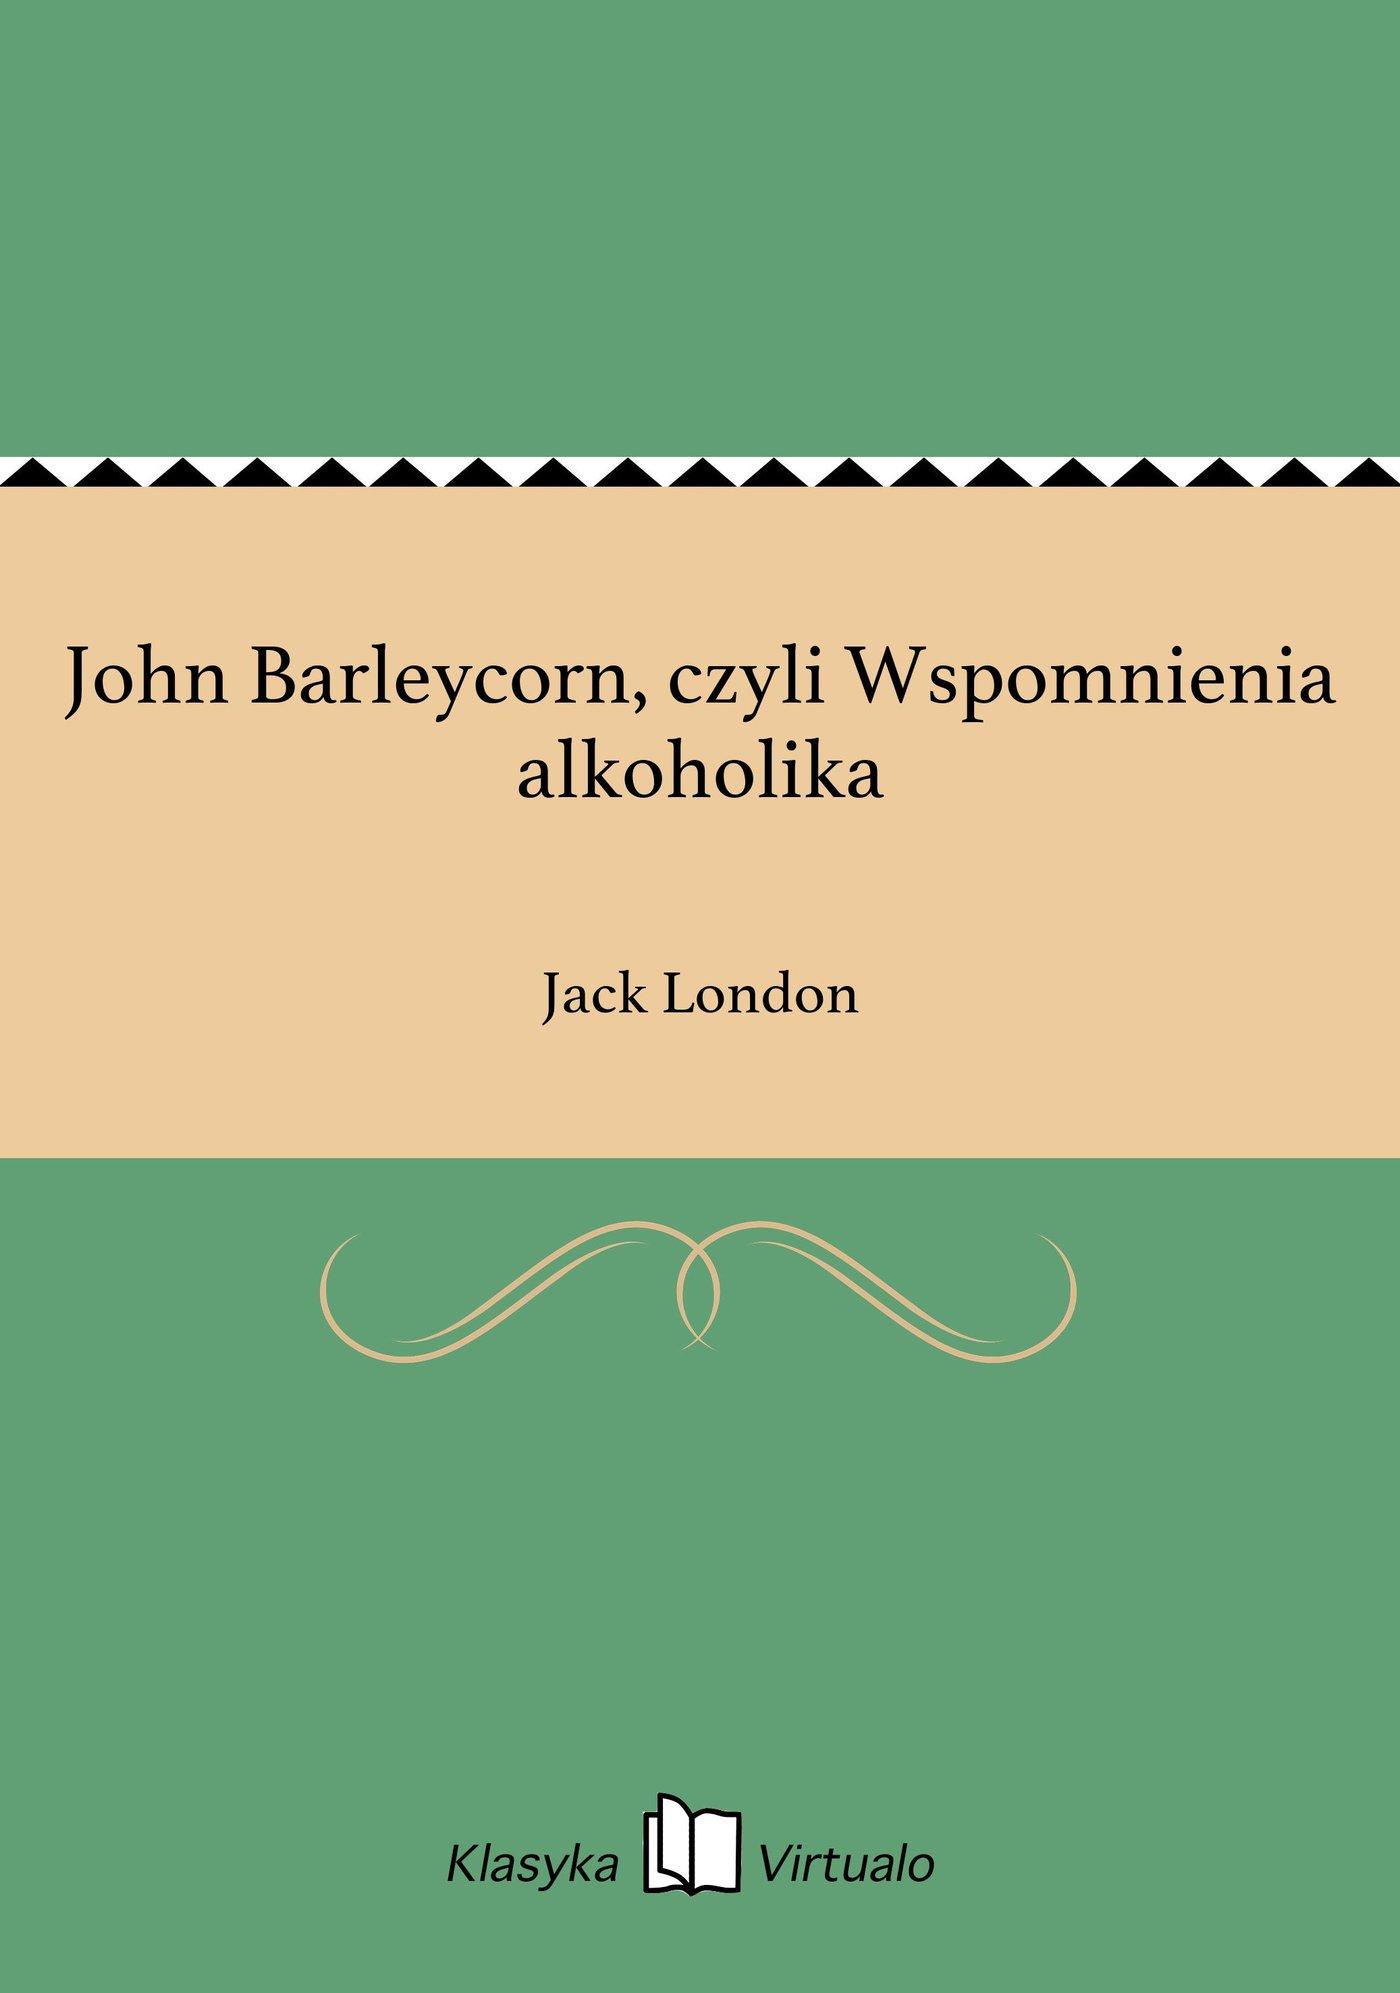 John Barleycorn, czyli Wspomnienia alkoholika - Ebook (Książka EPUB) do pobrania w formacie EPUB